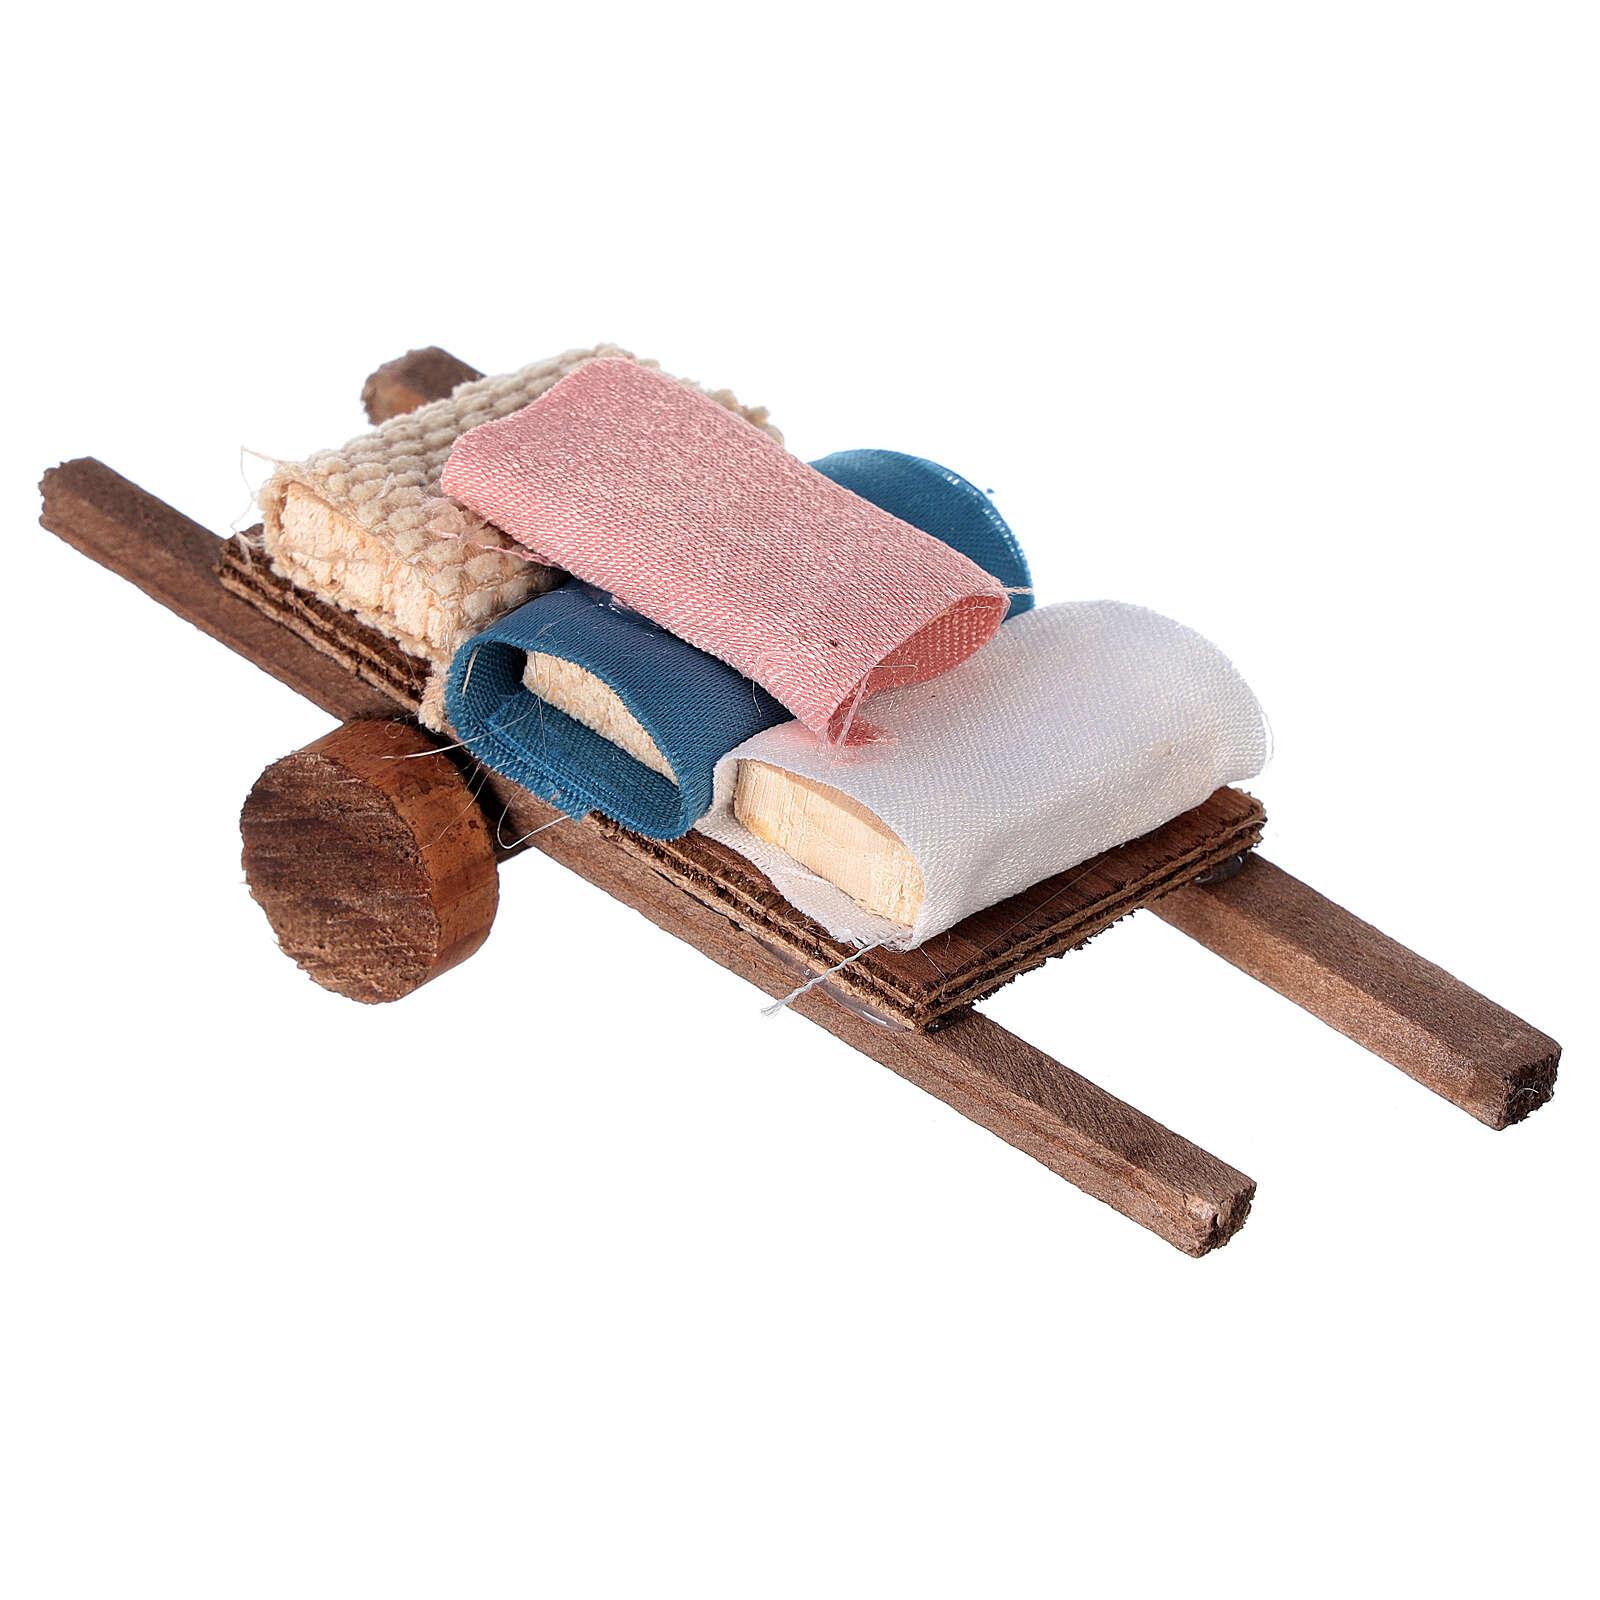 Carretto con stoffa 5x15x5 presepe 8-10 cm 4